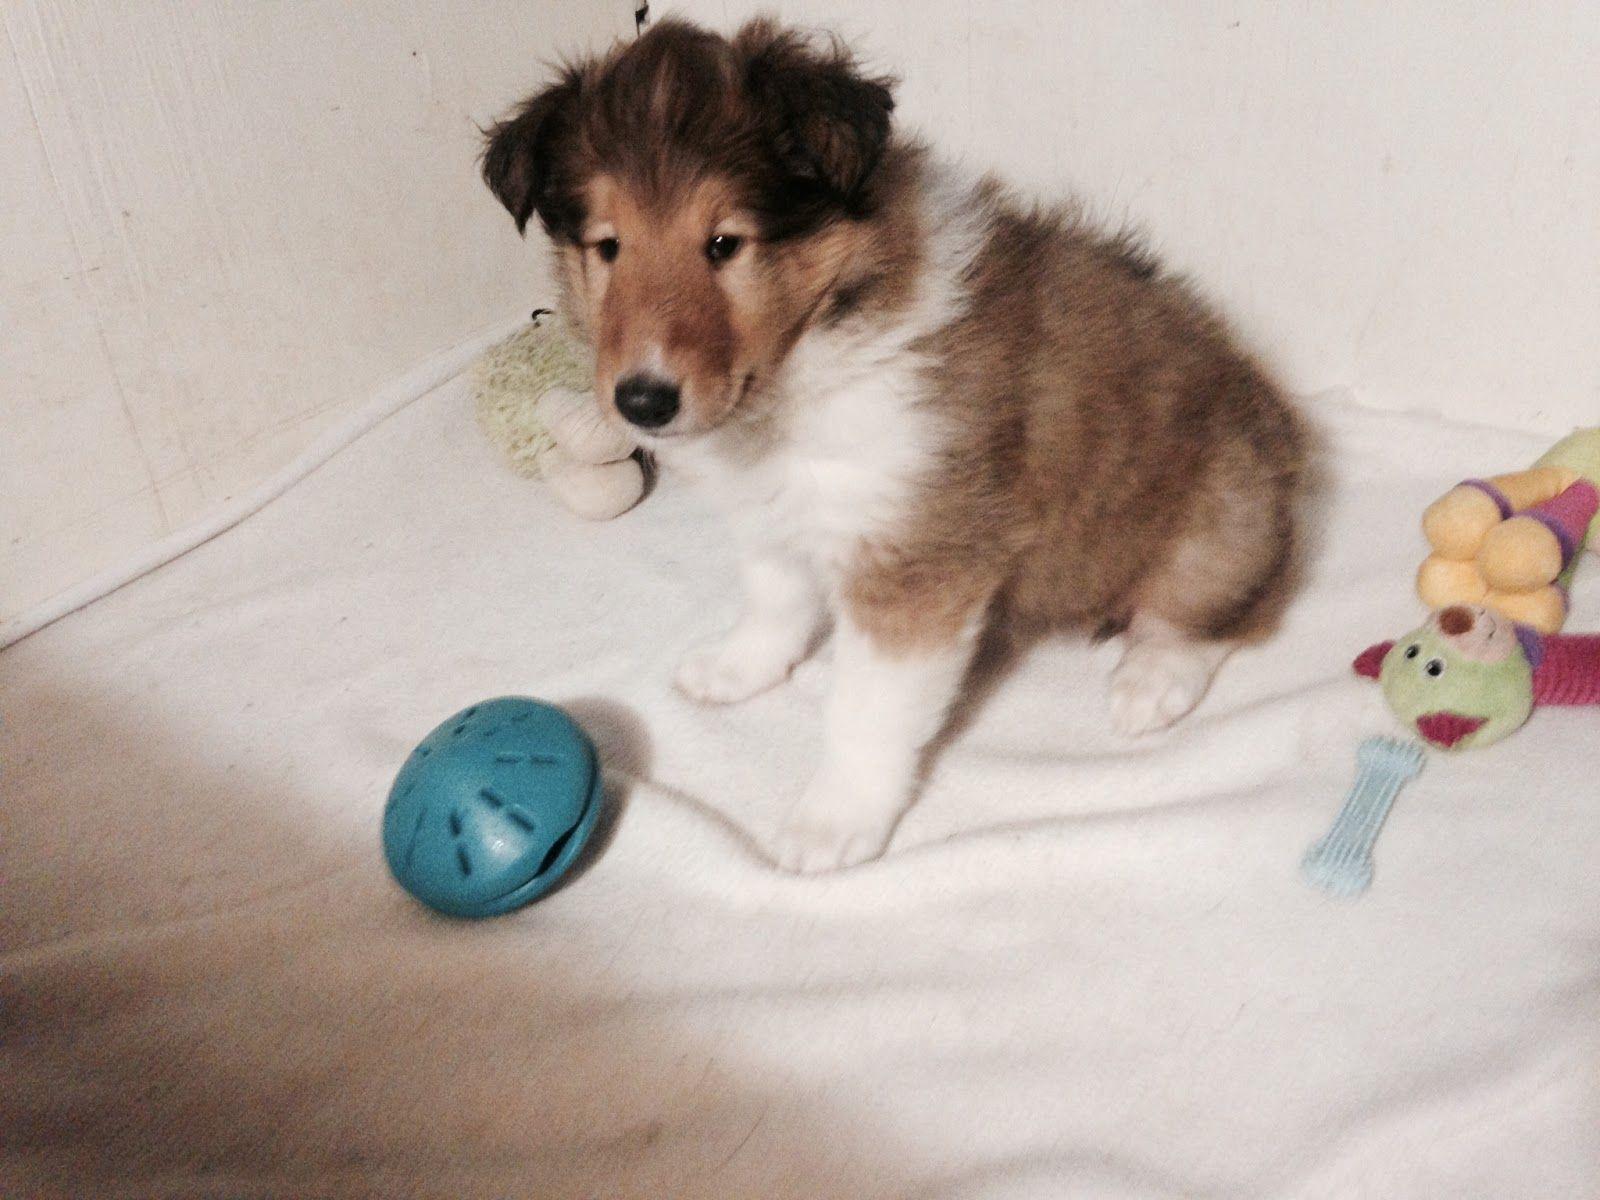 6 Week Old Rough Collie Puppy Rough Collie Rough Collie Puppy